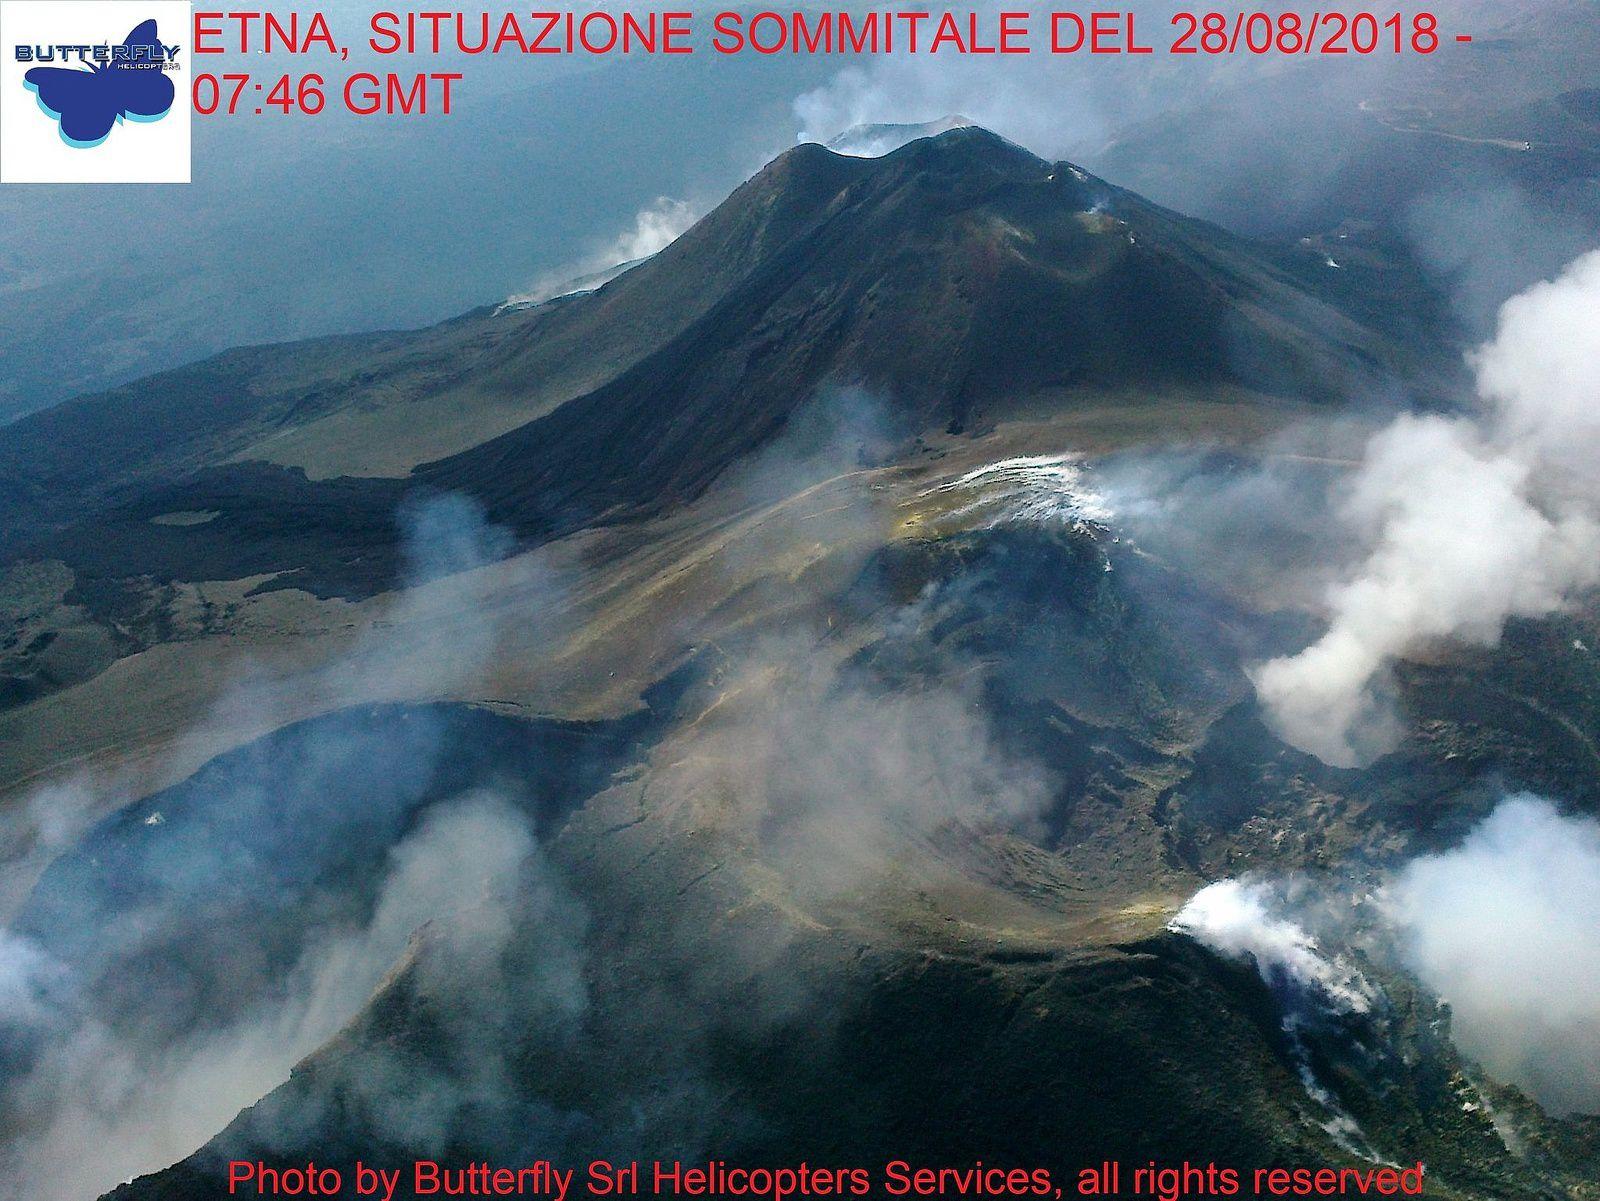 Etna - survol du sommet respectivement à 7h46 et 8h43 le 28.08.2018 - photos J.Nasi / Butterfly Helicopters